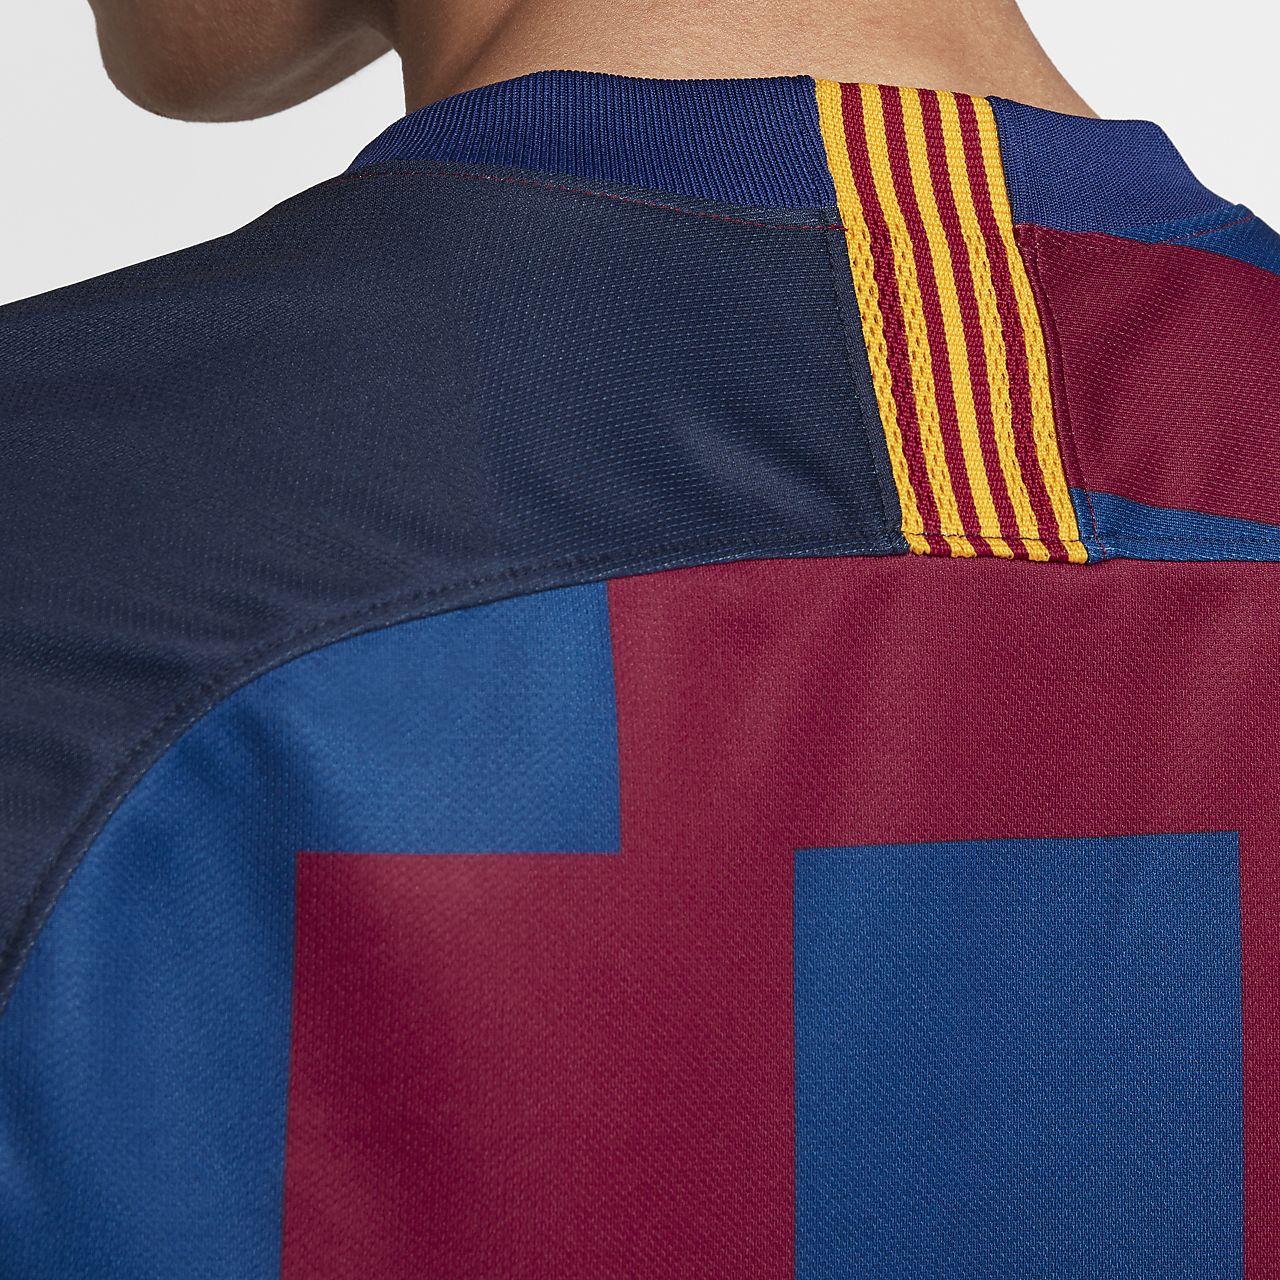 4aa8692f1466b Camiseta para hombre FC Barcelona 20th Anniversary. Nike.com MX